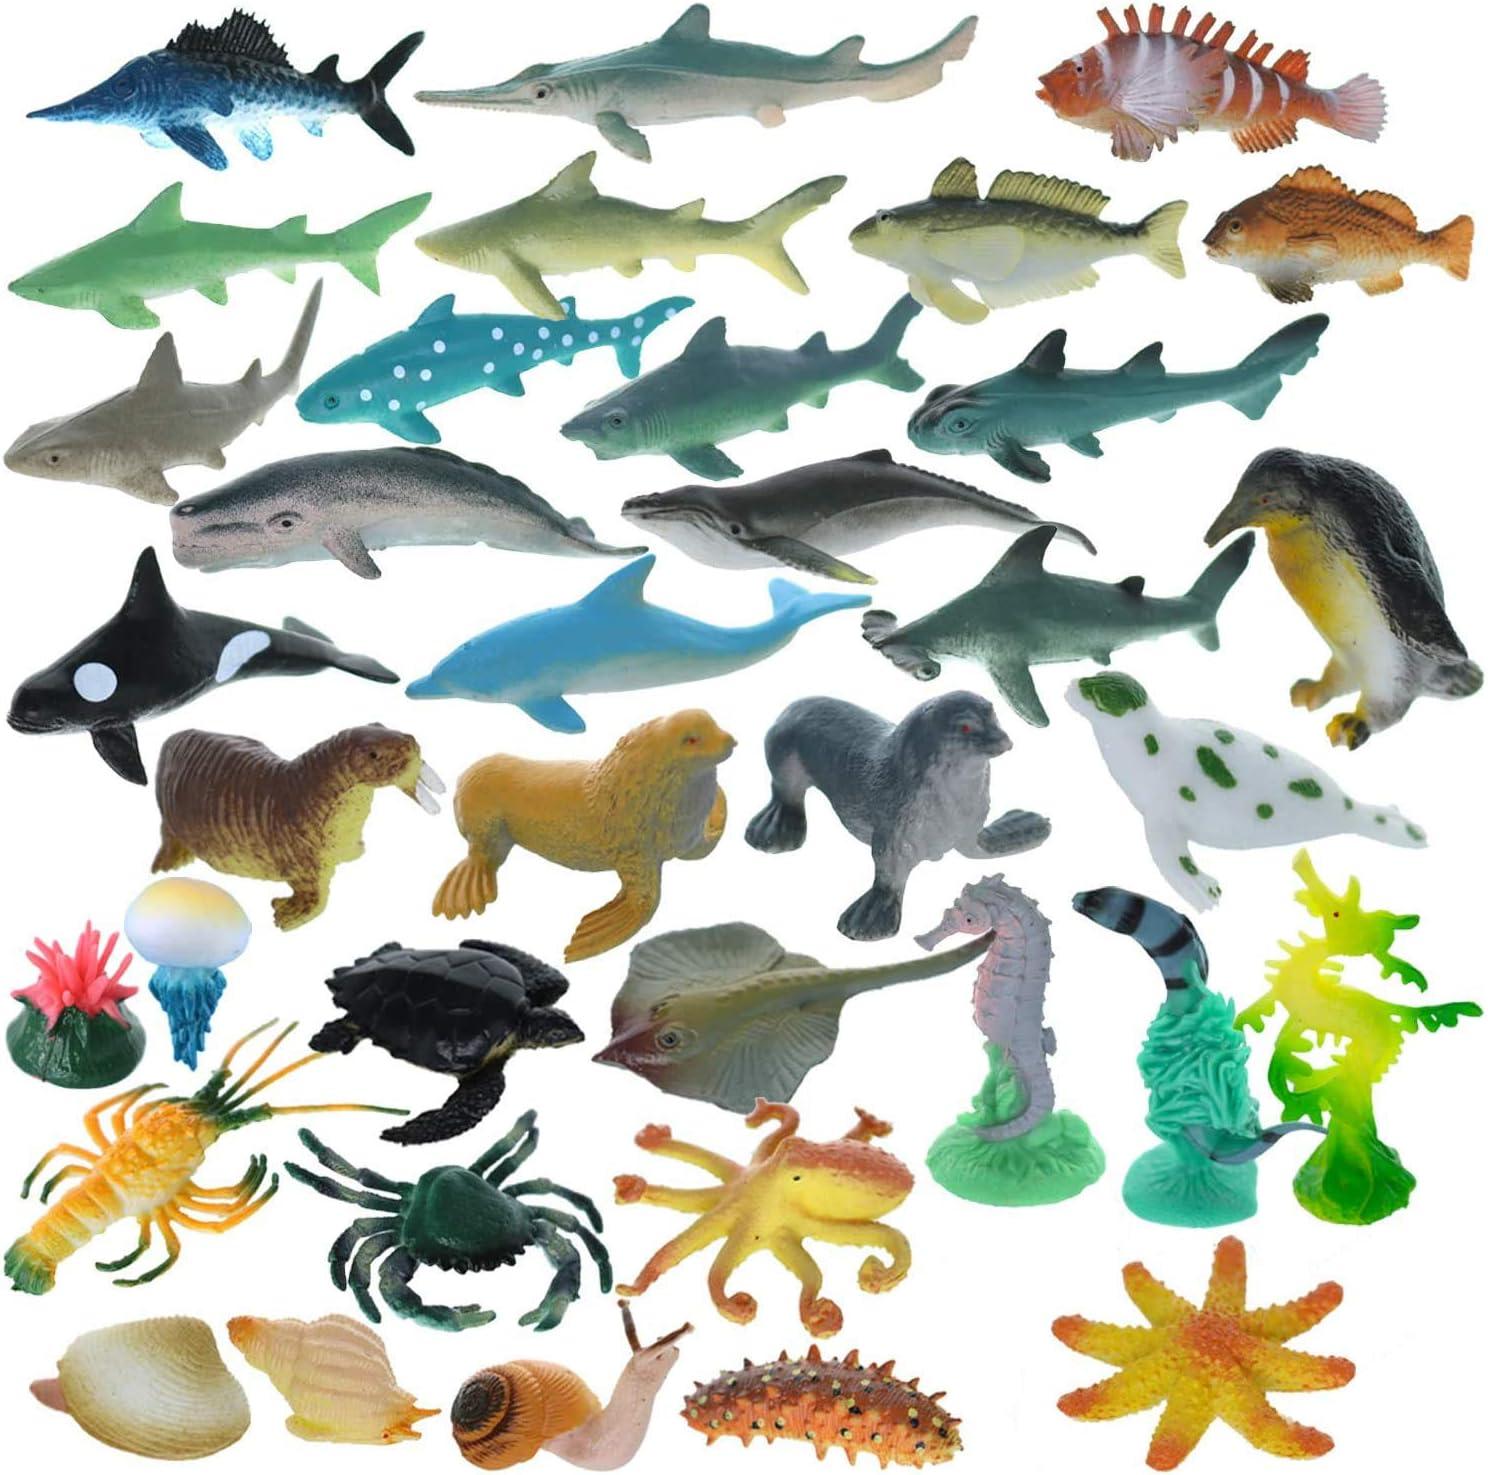 BESTZY 66pcs Animales de Juguete Mini Figuras Marinos Pl/ástico Fauna Submarina Realista para Jugar en el Ba/ño Fiesta Educativa Mar